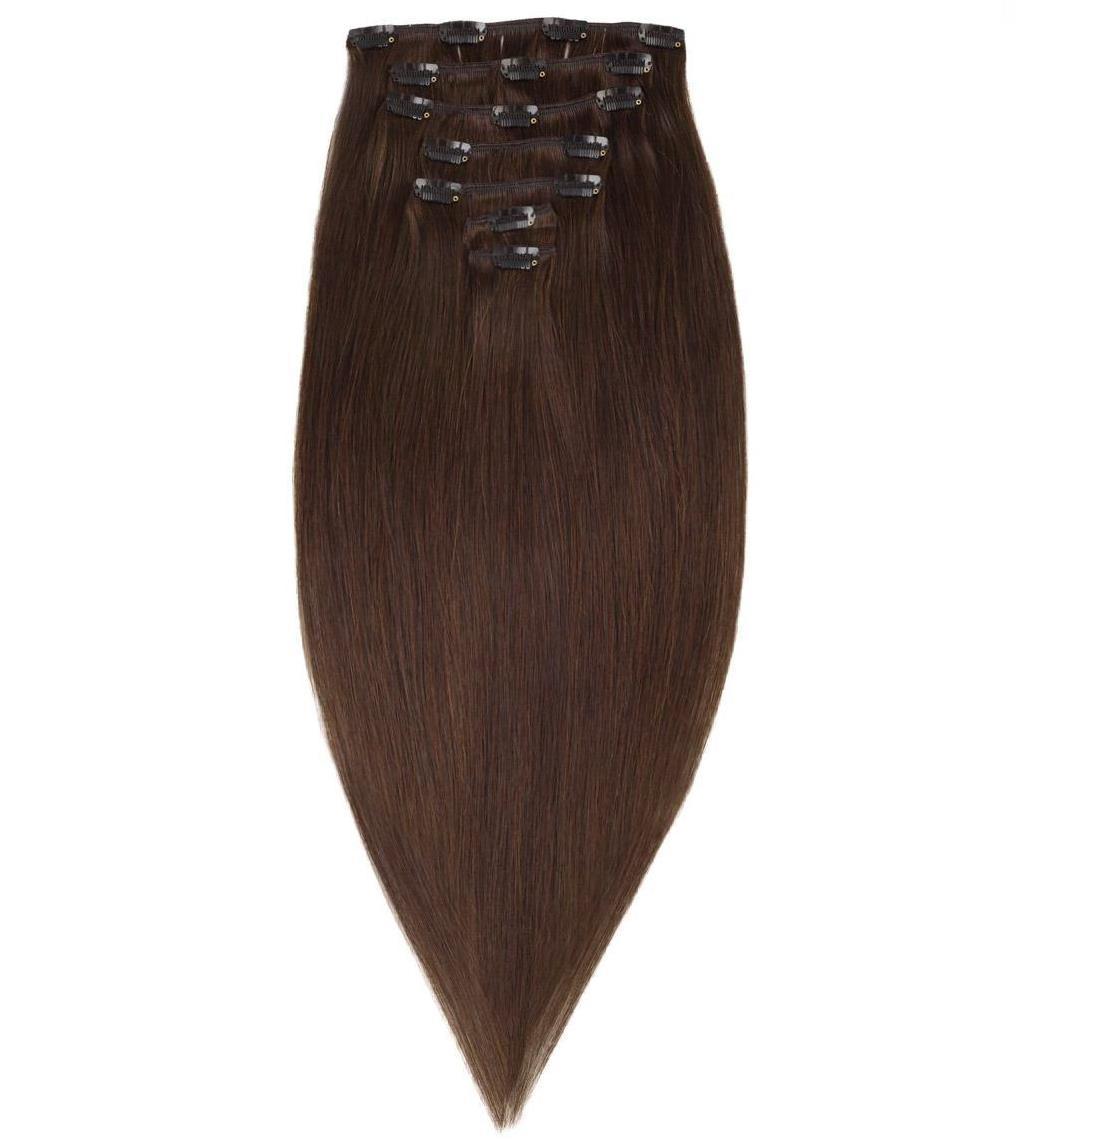 Волосся на заколках 50 см. Колір #02 Темно-Коричневий